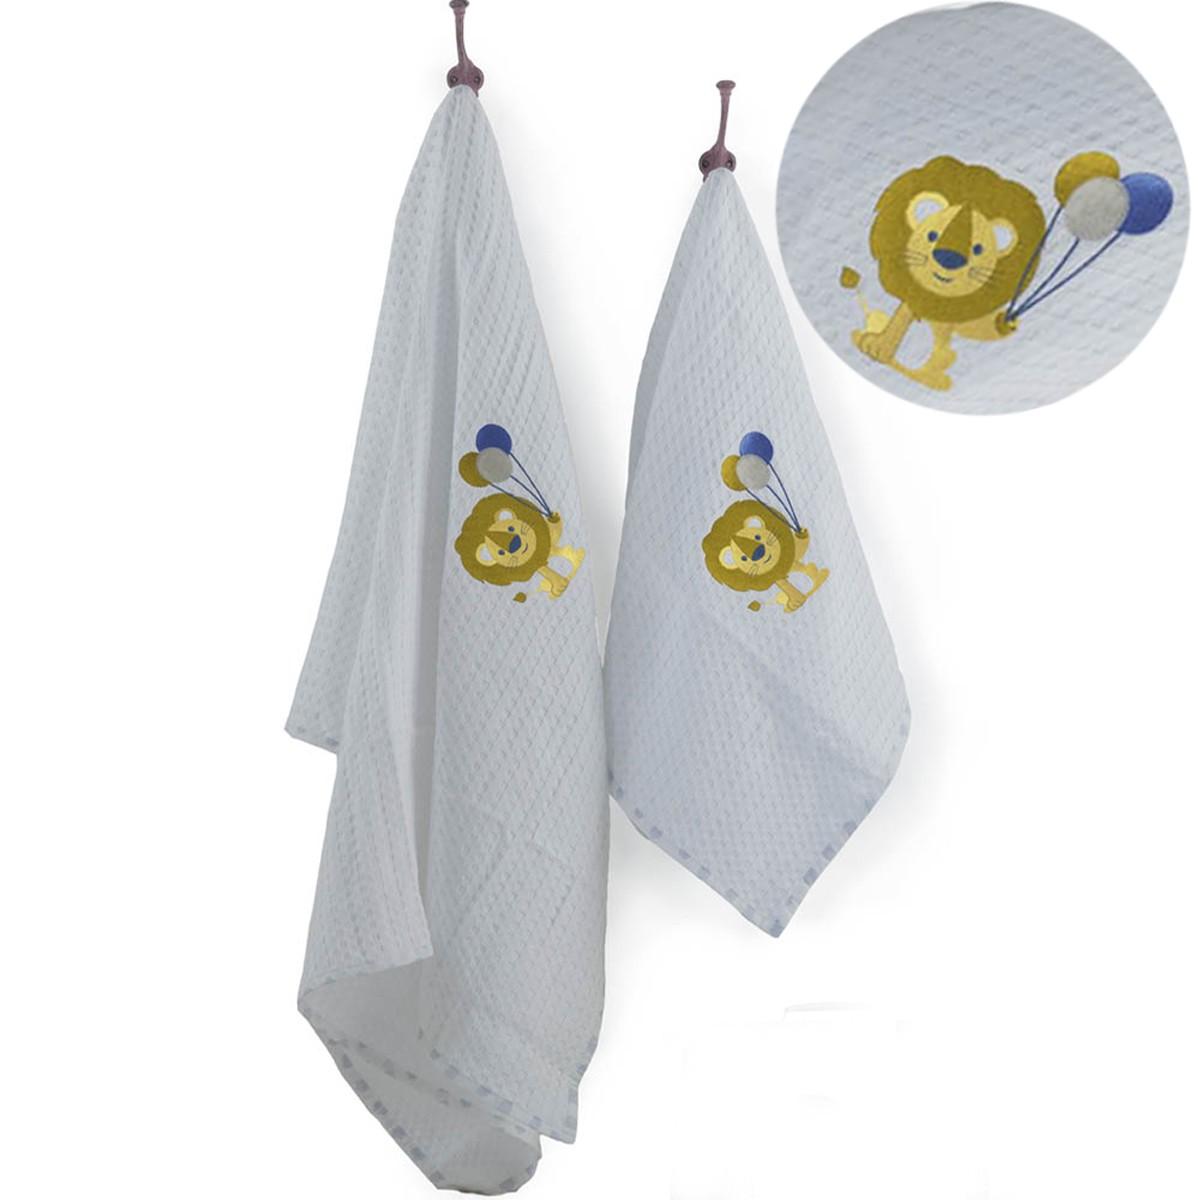 Κουβέρτα Πικέ Κούνιας Kentia Baby Welcome Baby 19 home   βρεφικά   κουβέρτες βρεφικές   κουβέρτες καλοκαιρινές